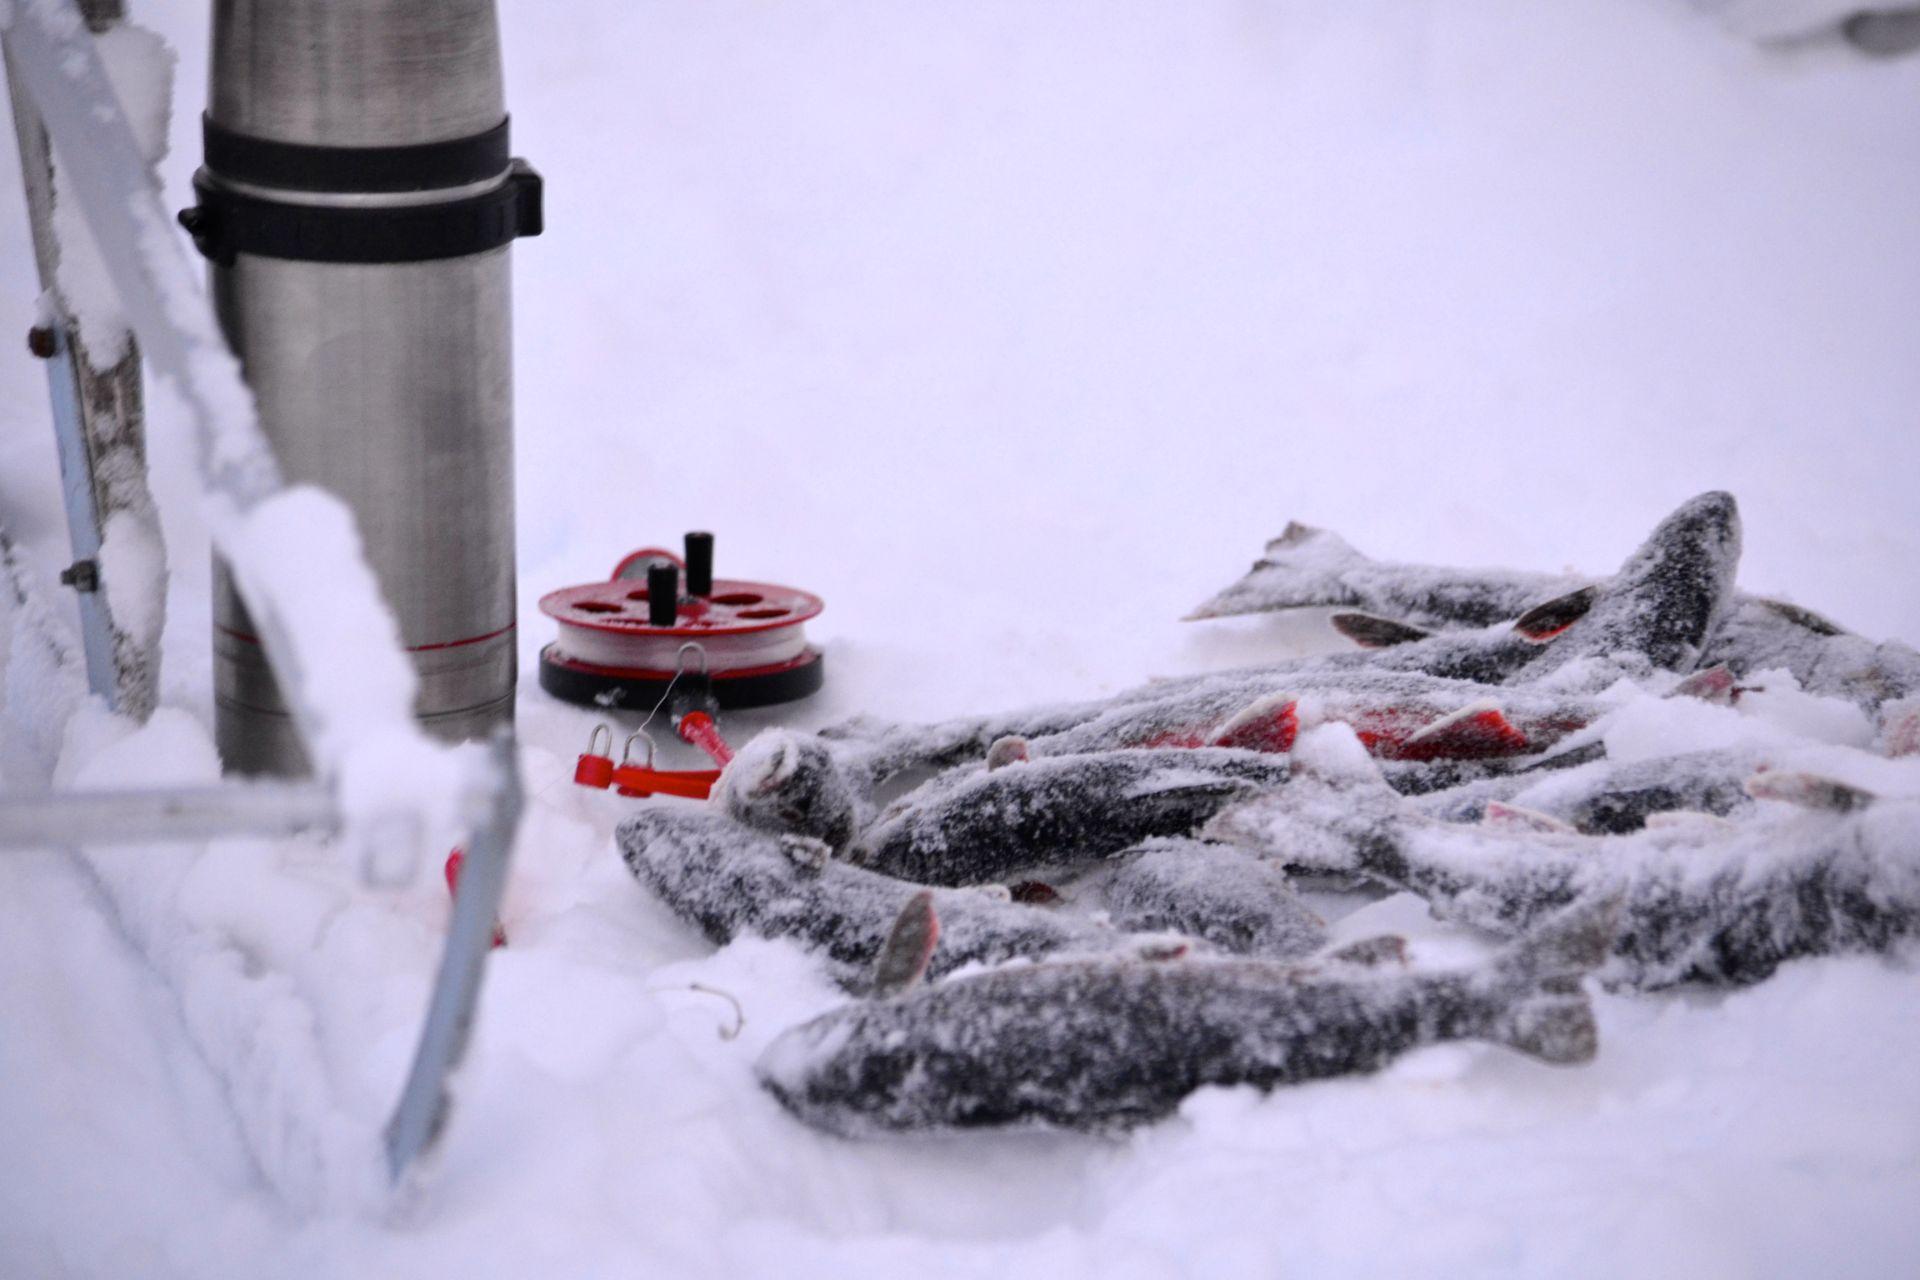 Pimpelfiske på Åkersjön med kaffe i en termos och fin fångst av röding. Foto © flyttatillfjallen.se